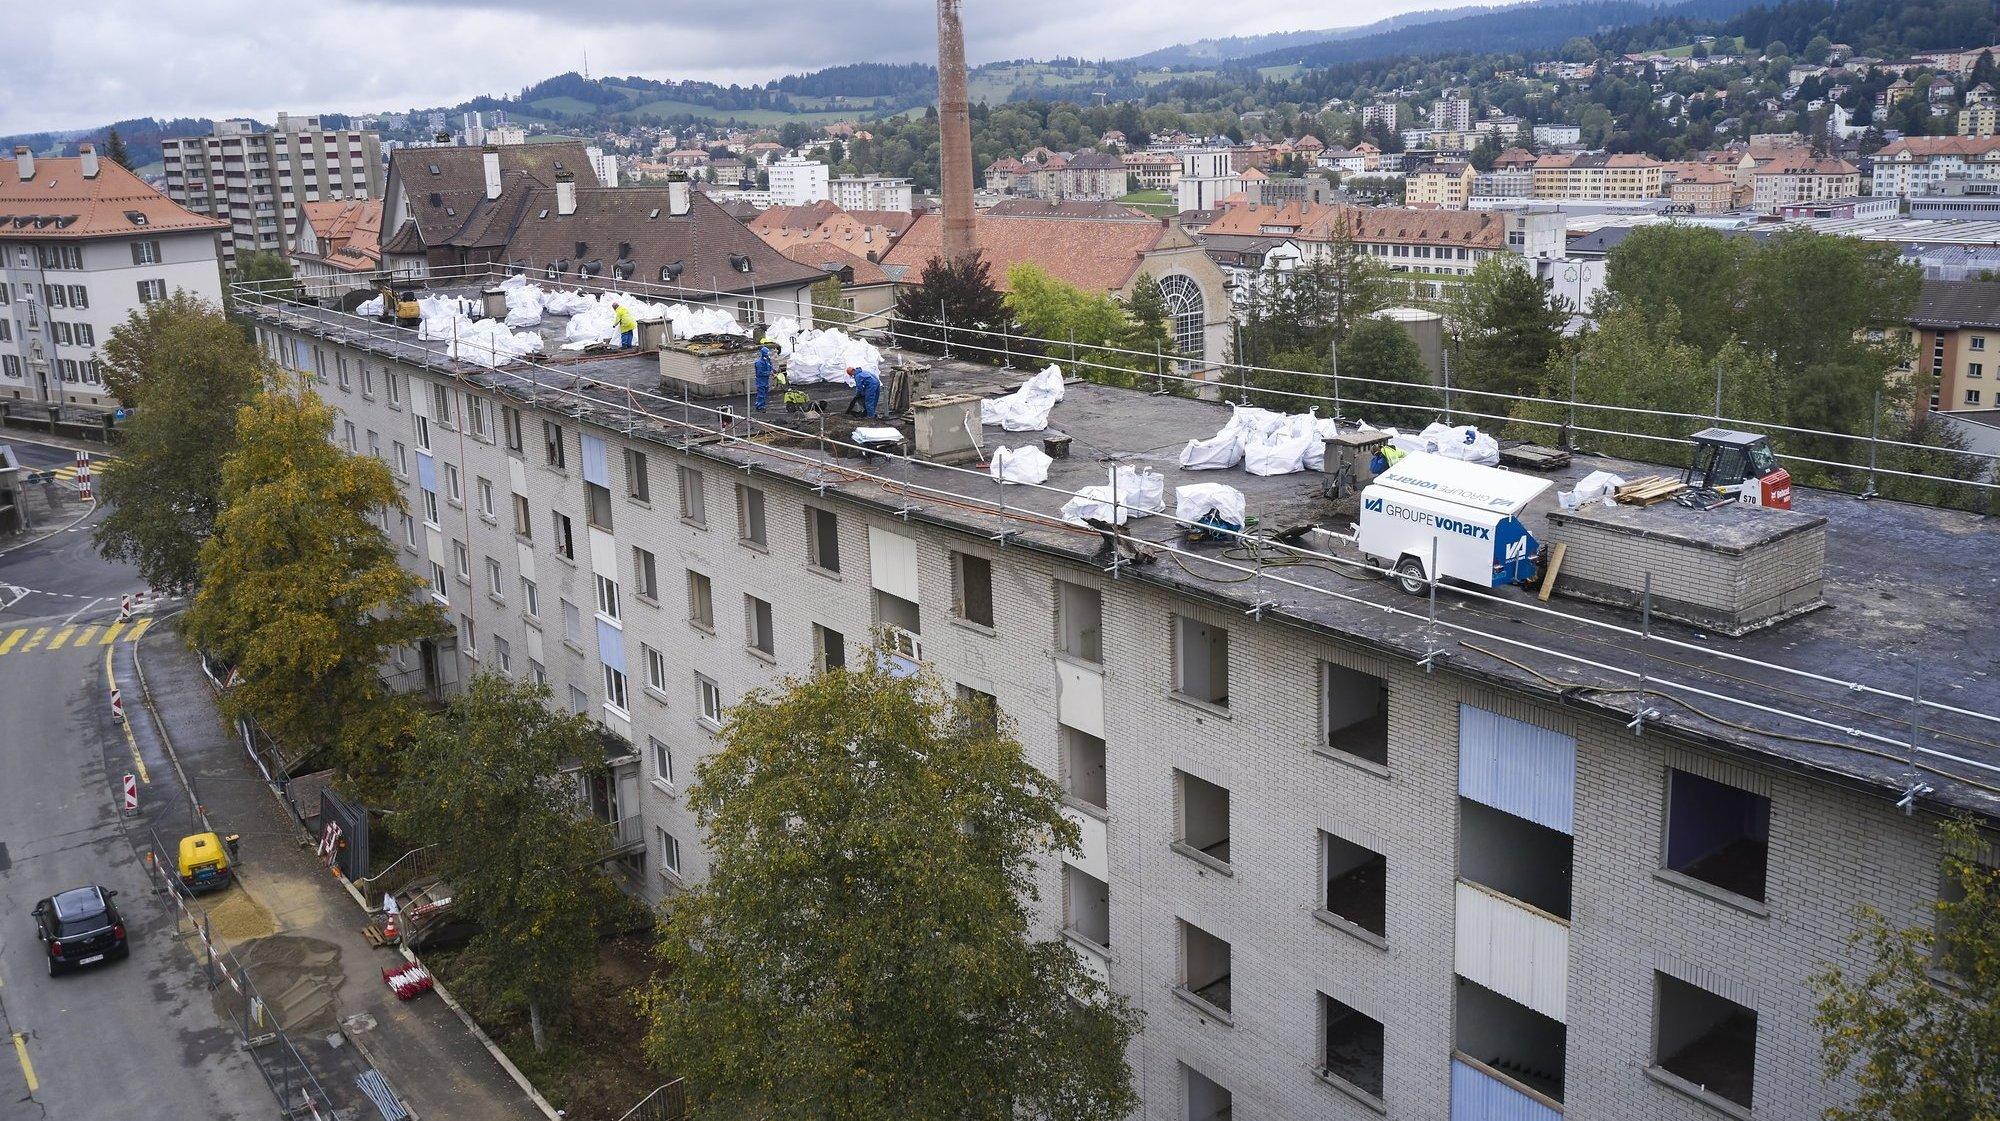 Près de la moitié des fenêtres et du toit des immeubles de Bois-Noir a déjà été enlevée.